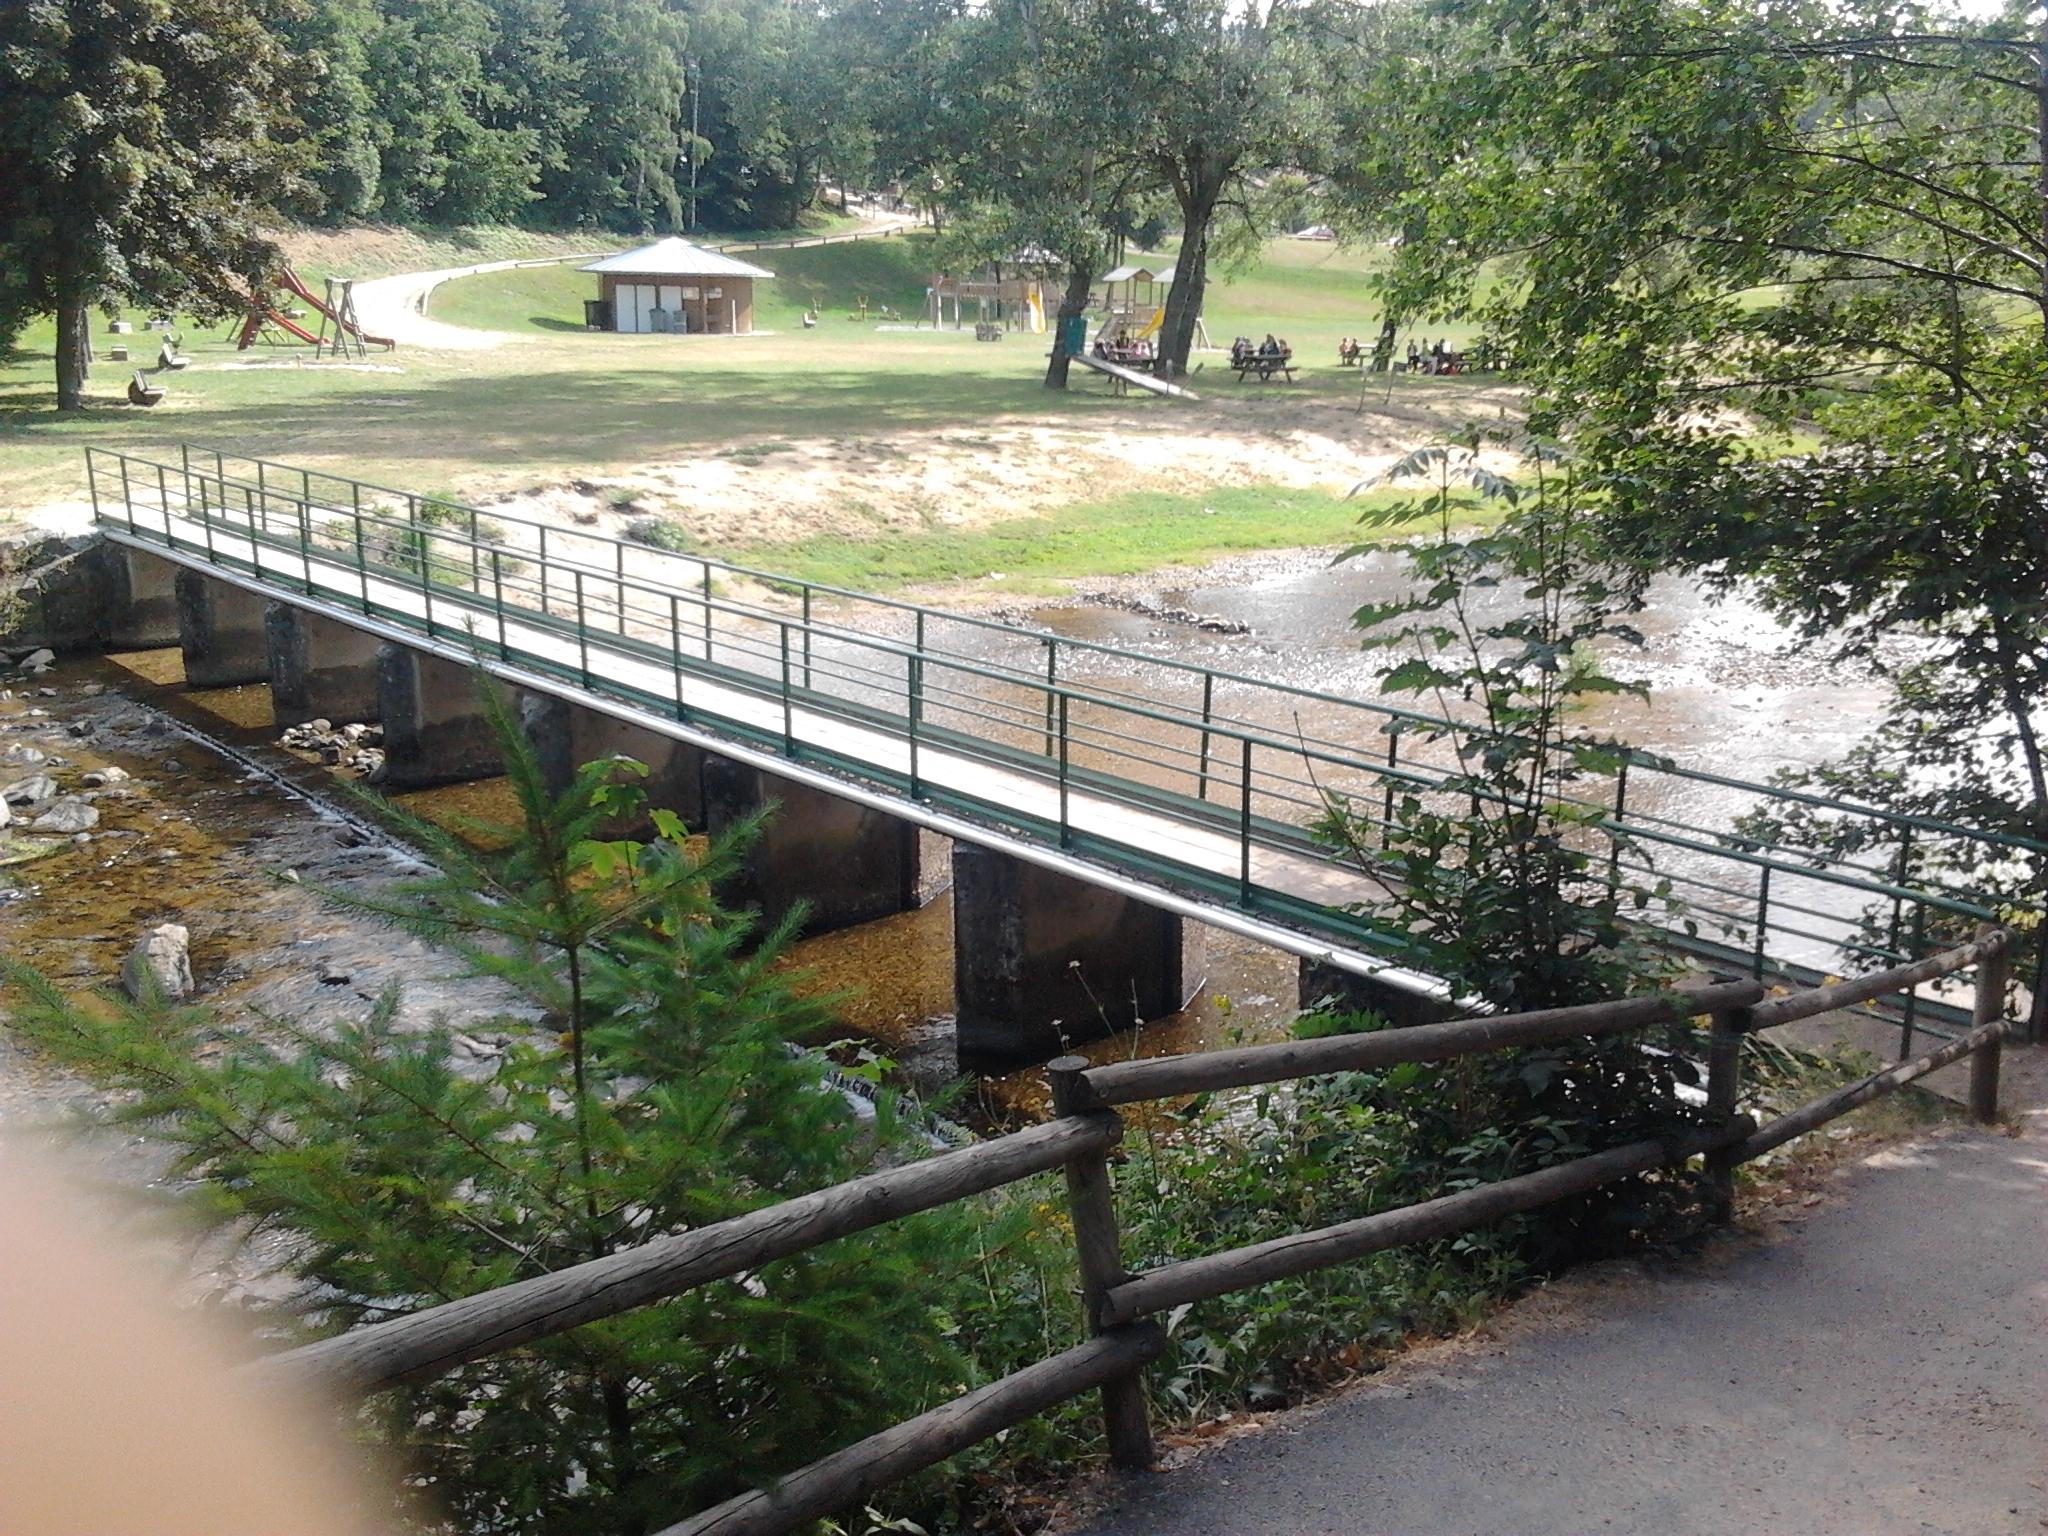 Concours d partemental des villes et villages fleuris 2015 for Prix jardinier heure